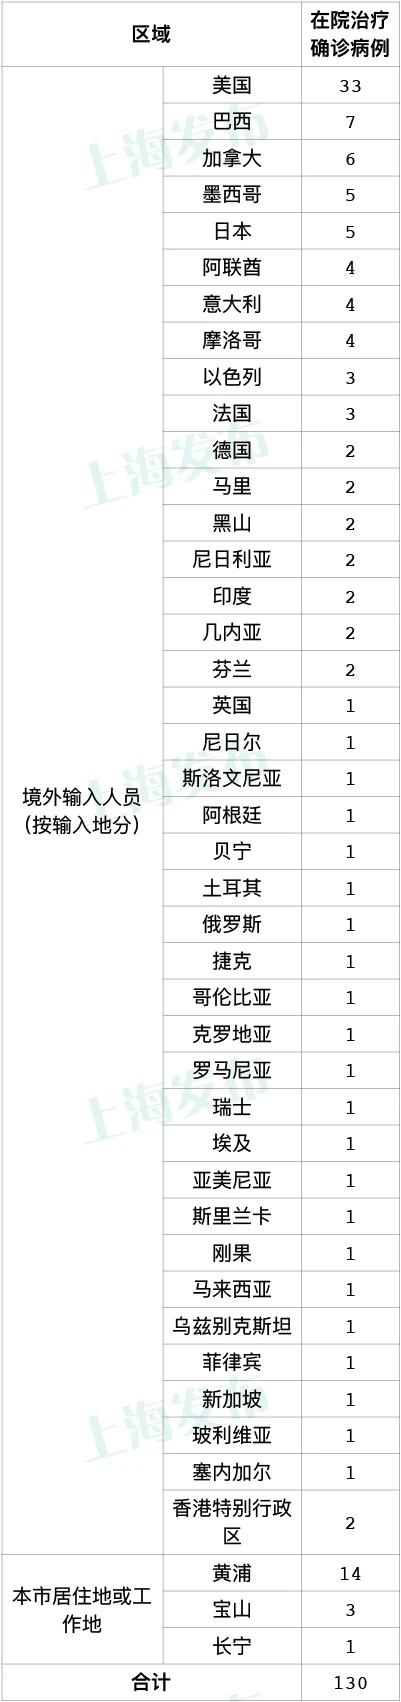 上海昨日新增7例境外输入确诊病例